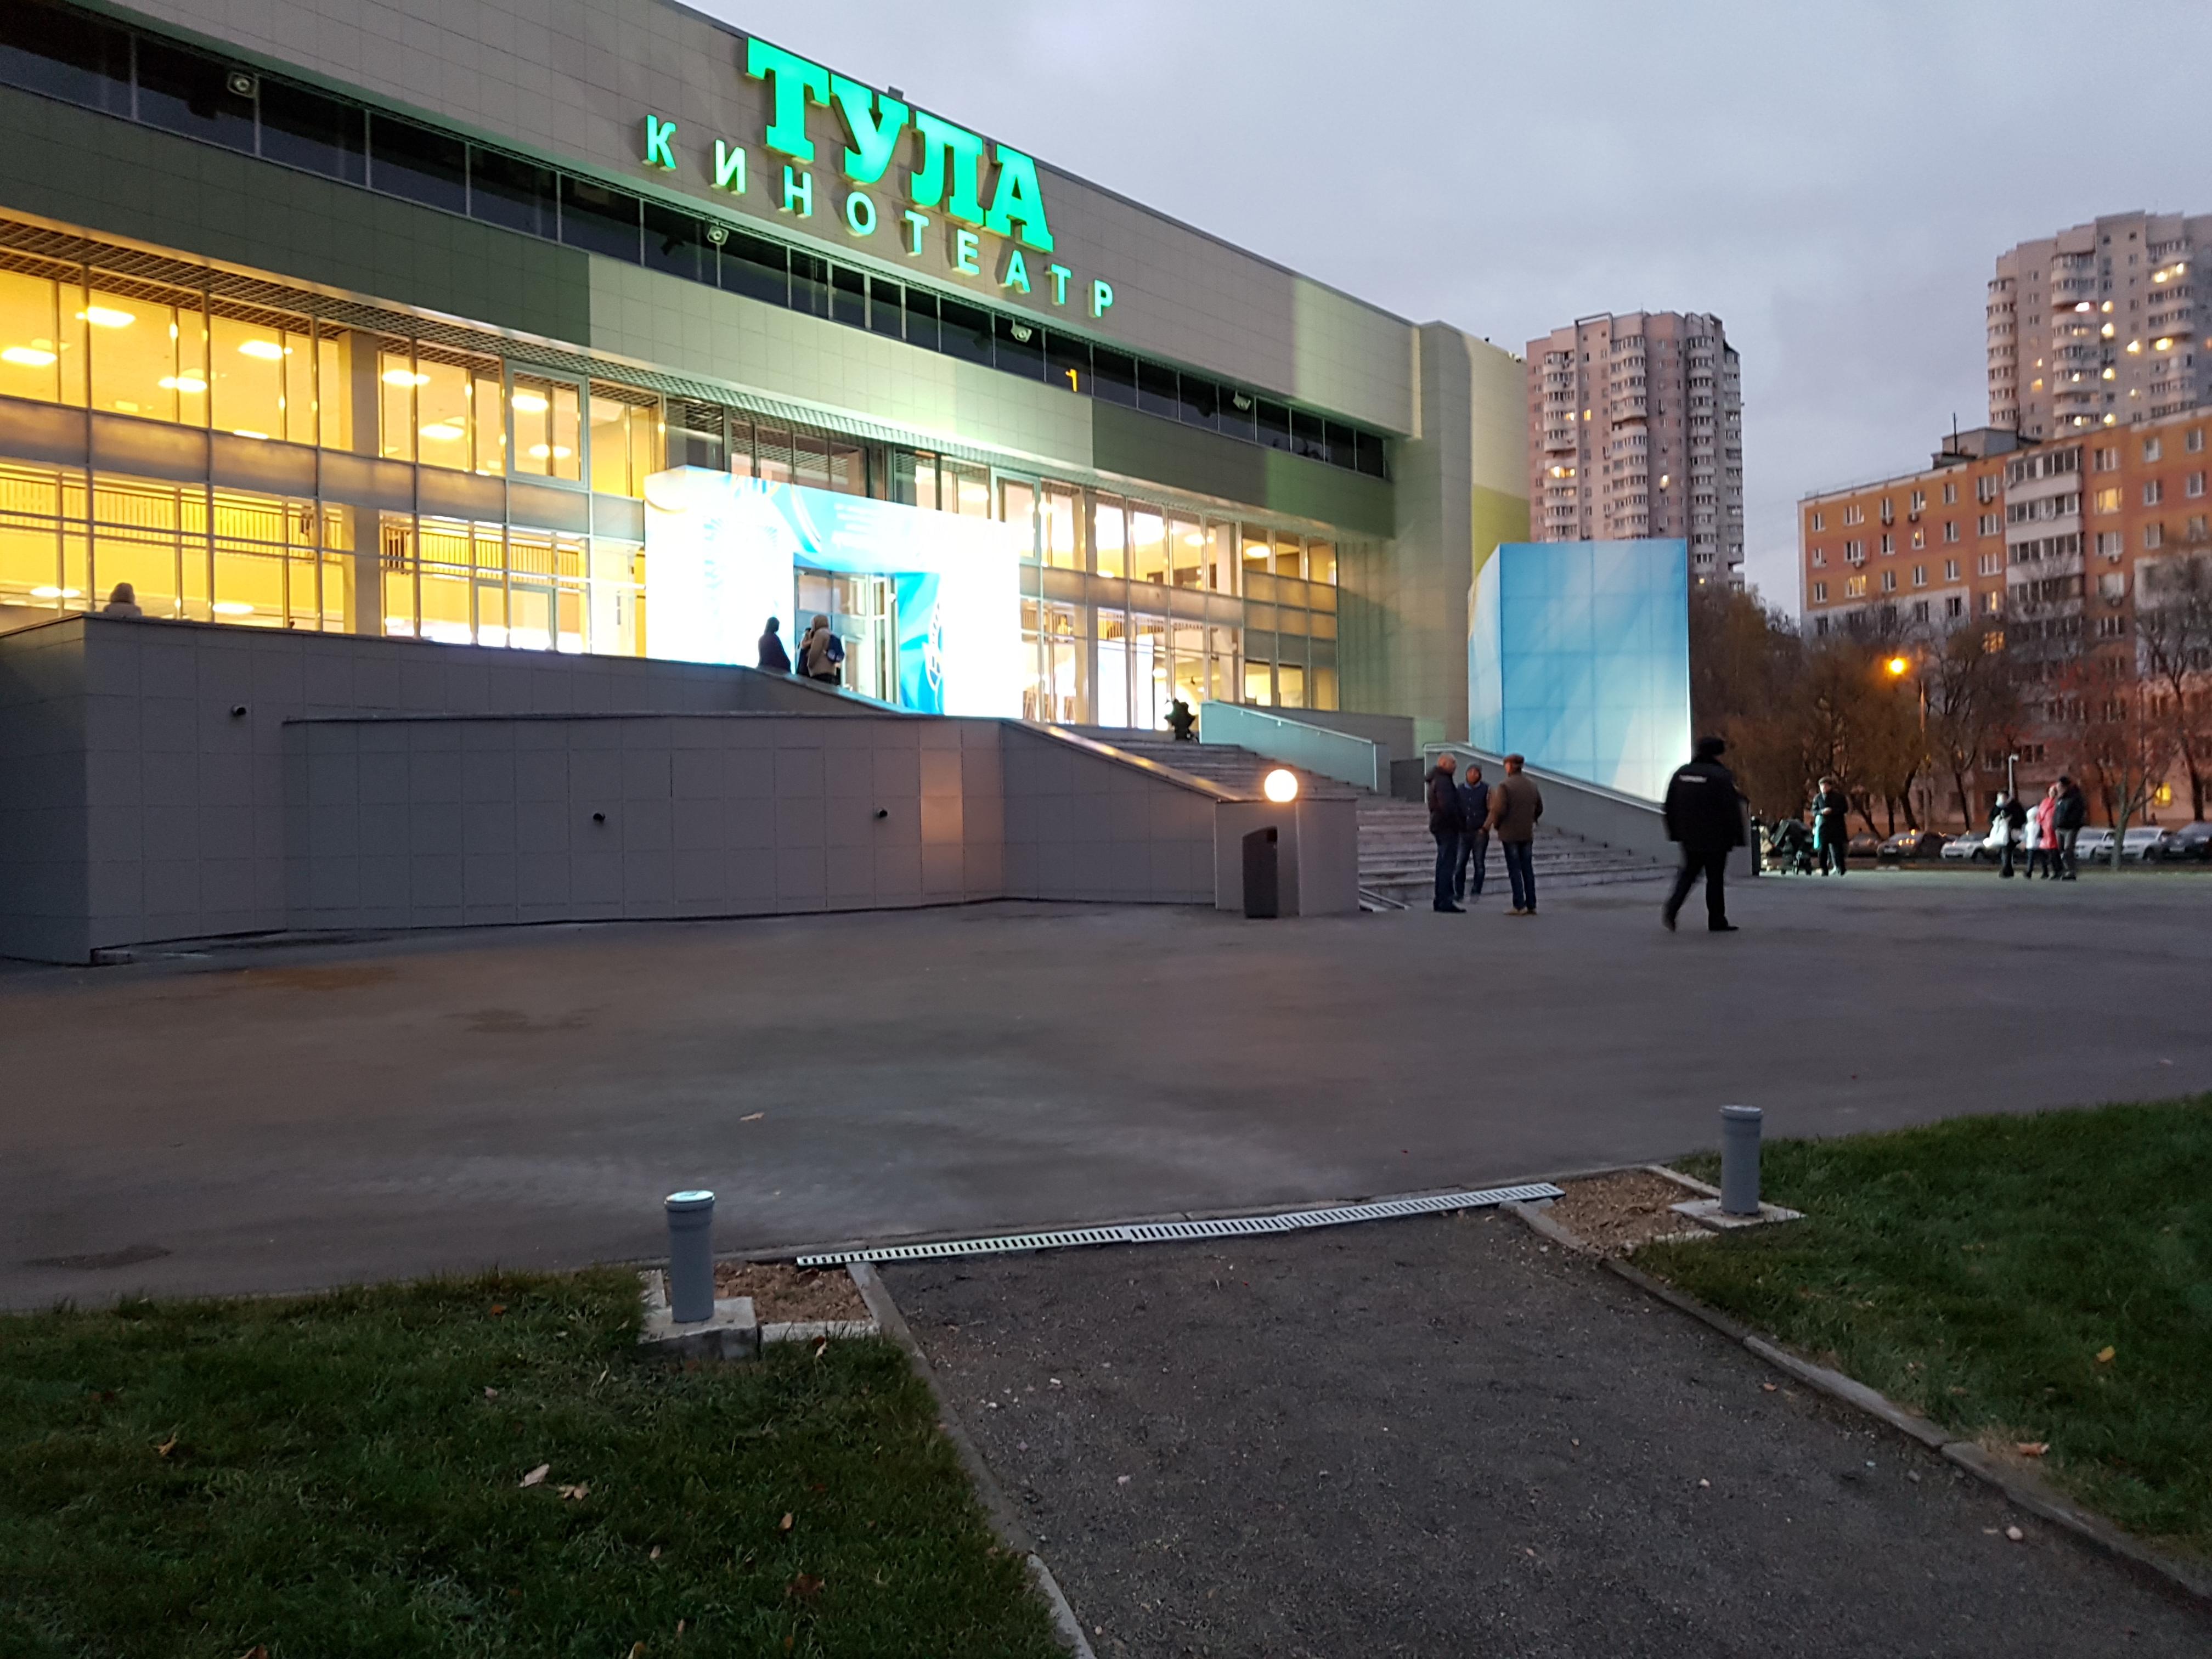 """Места , где должны были быть установлены уличные фонари. Кинотеатр """"Тула"""". (01 ноября 2017 года) Фото: Рустам Билялов"""